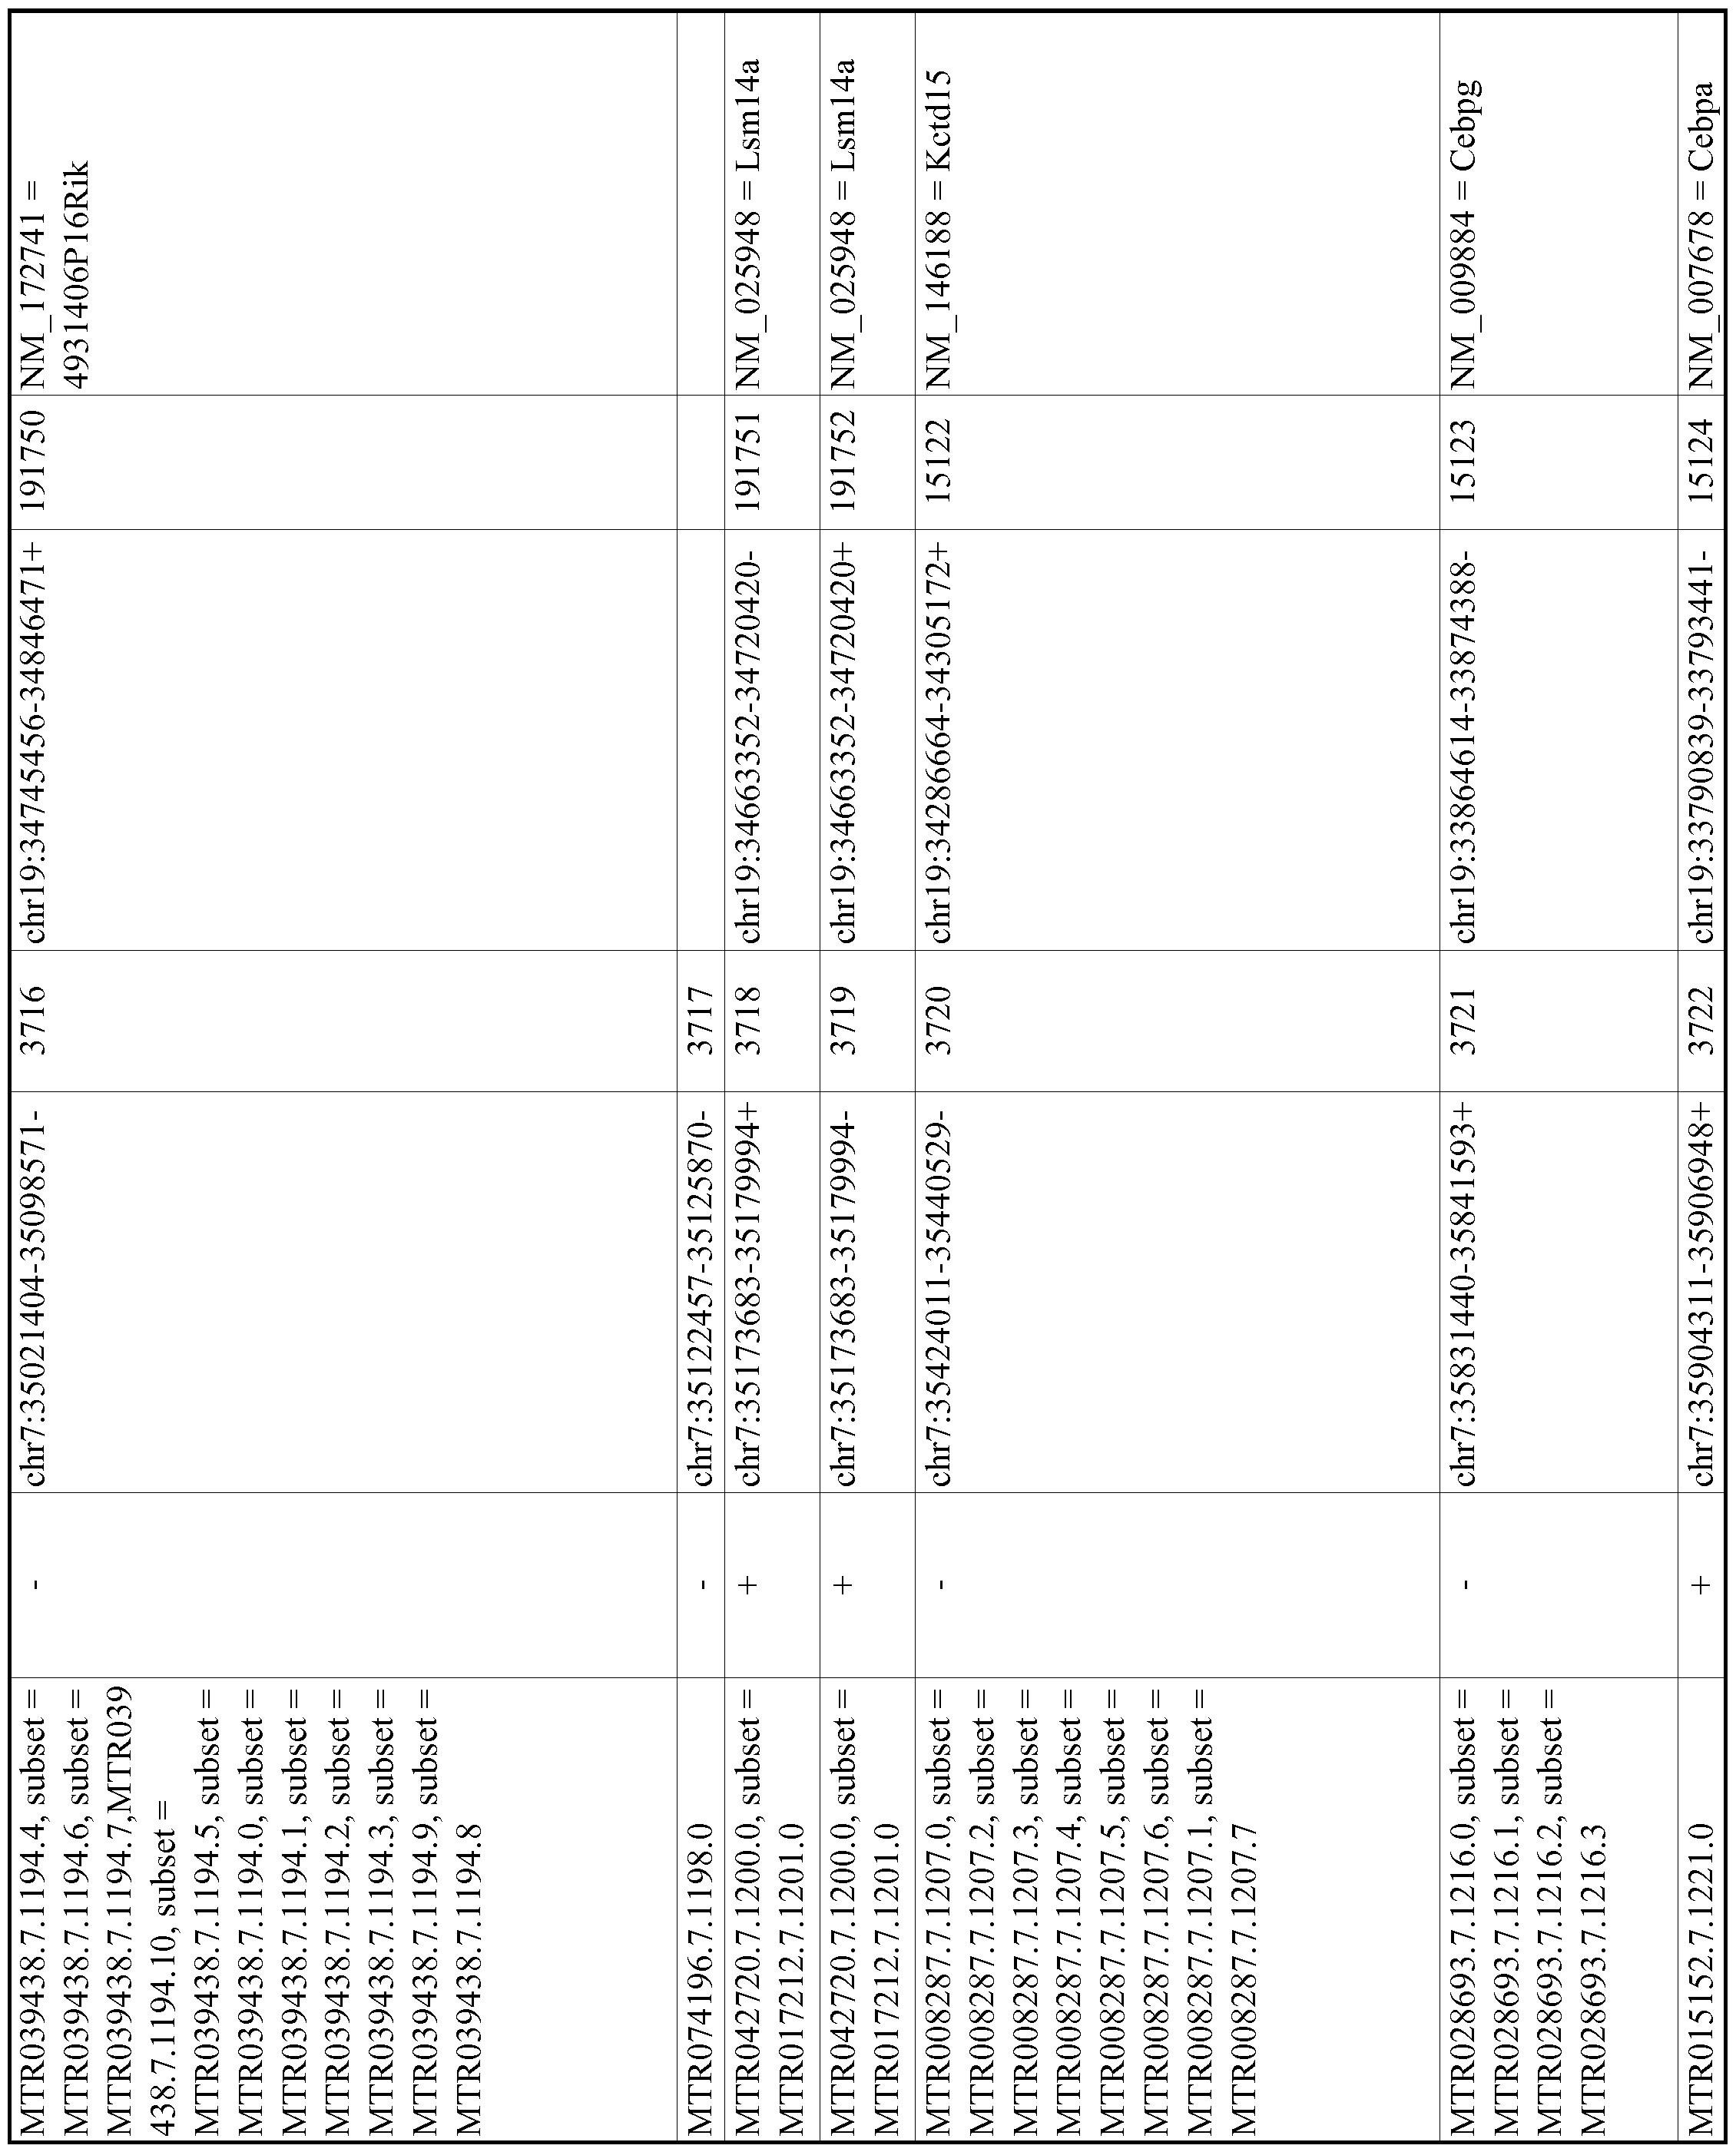 Figure imgf000716_0001